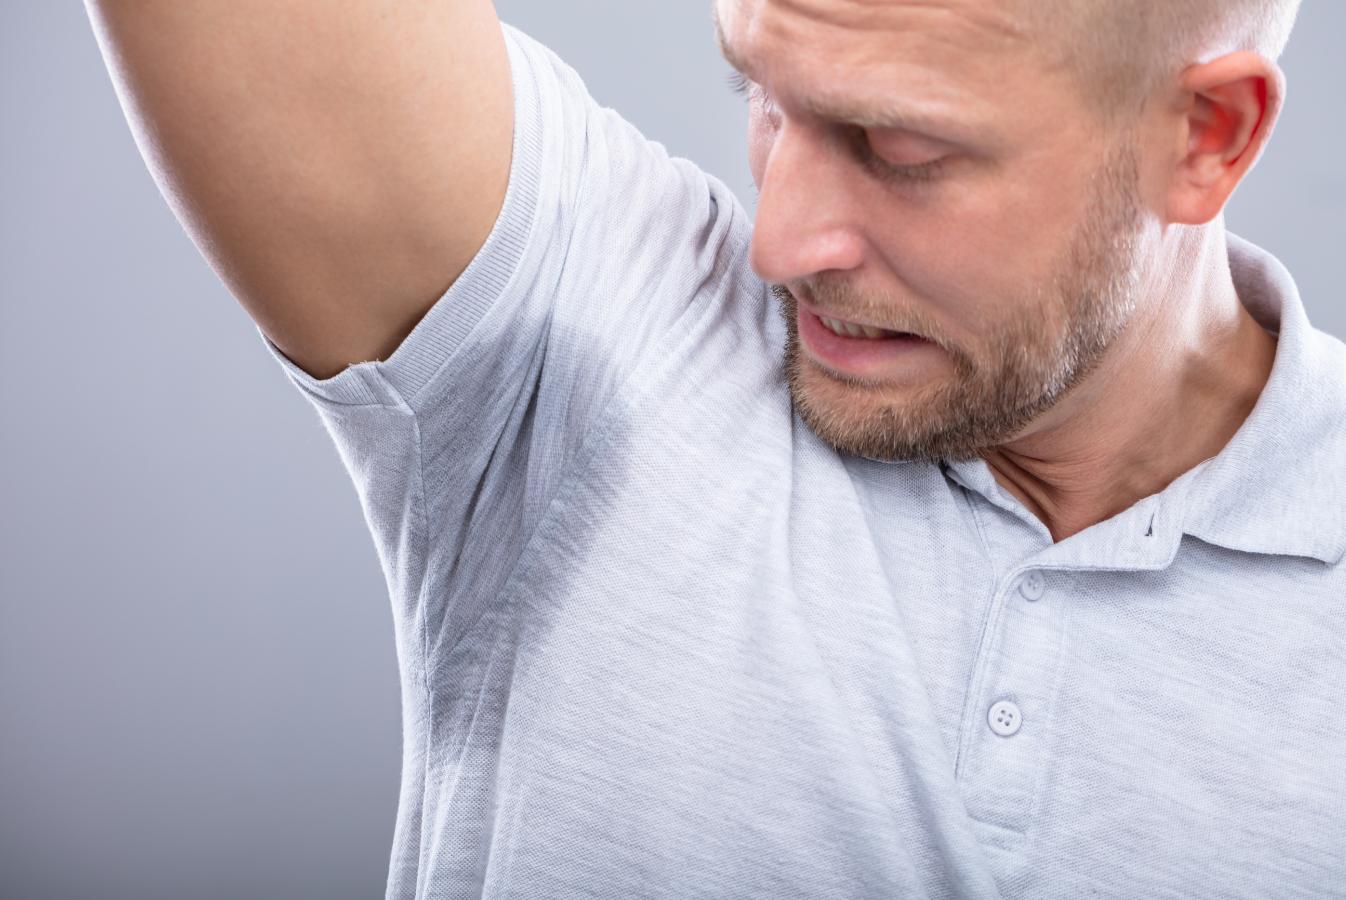 Krępujący problem – nadmierna potliwość i brzydki zapach potu.